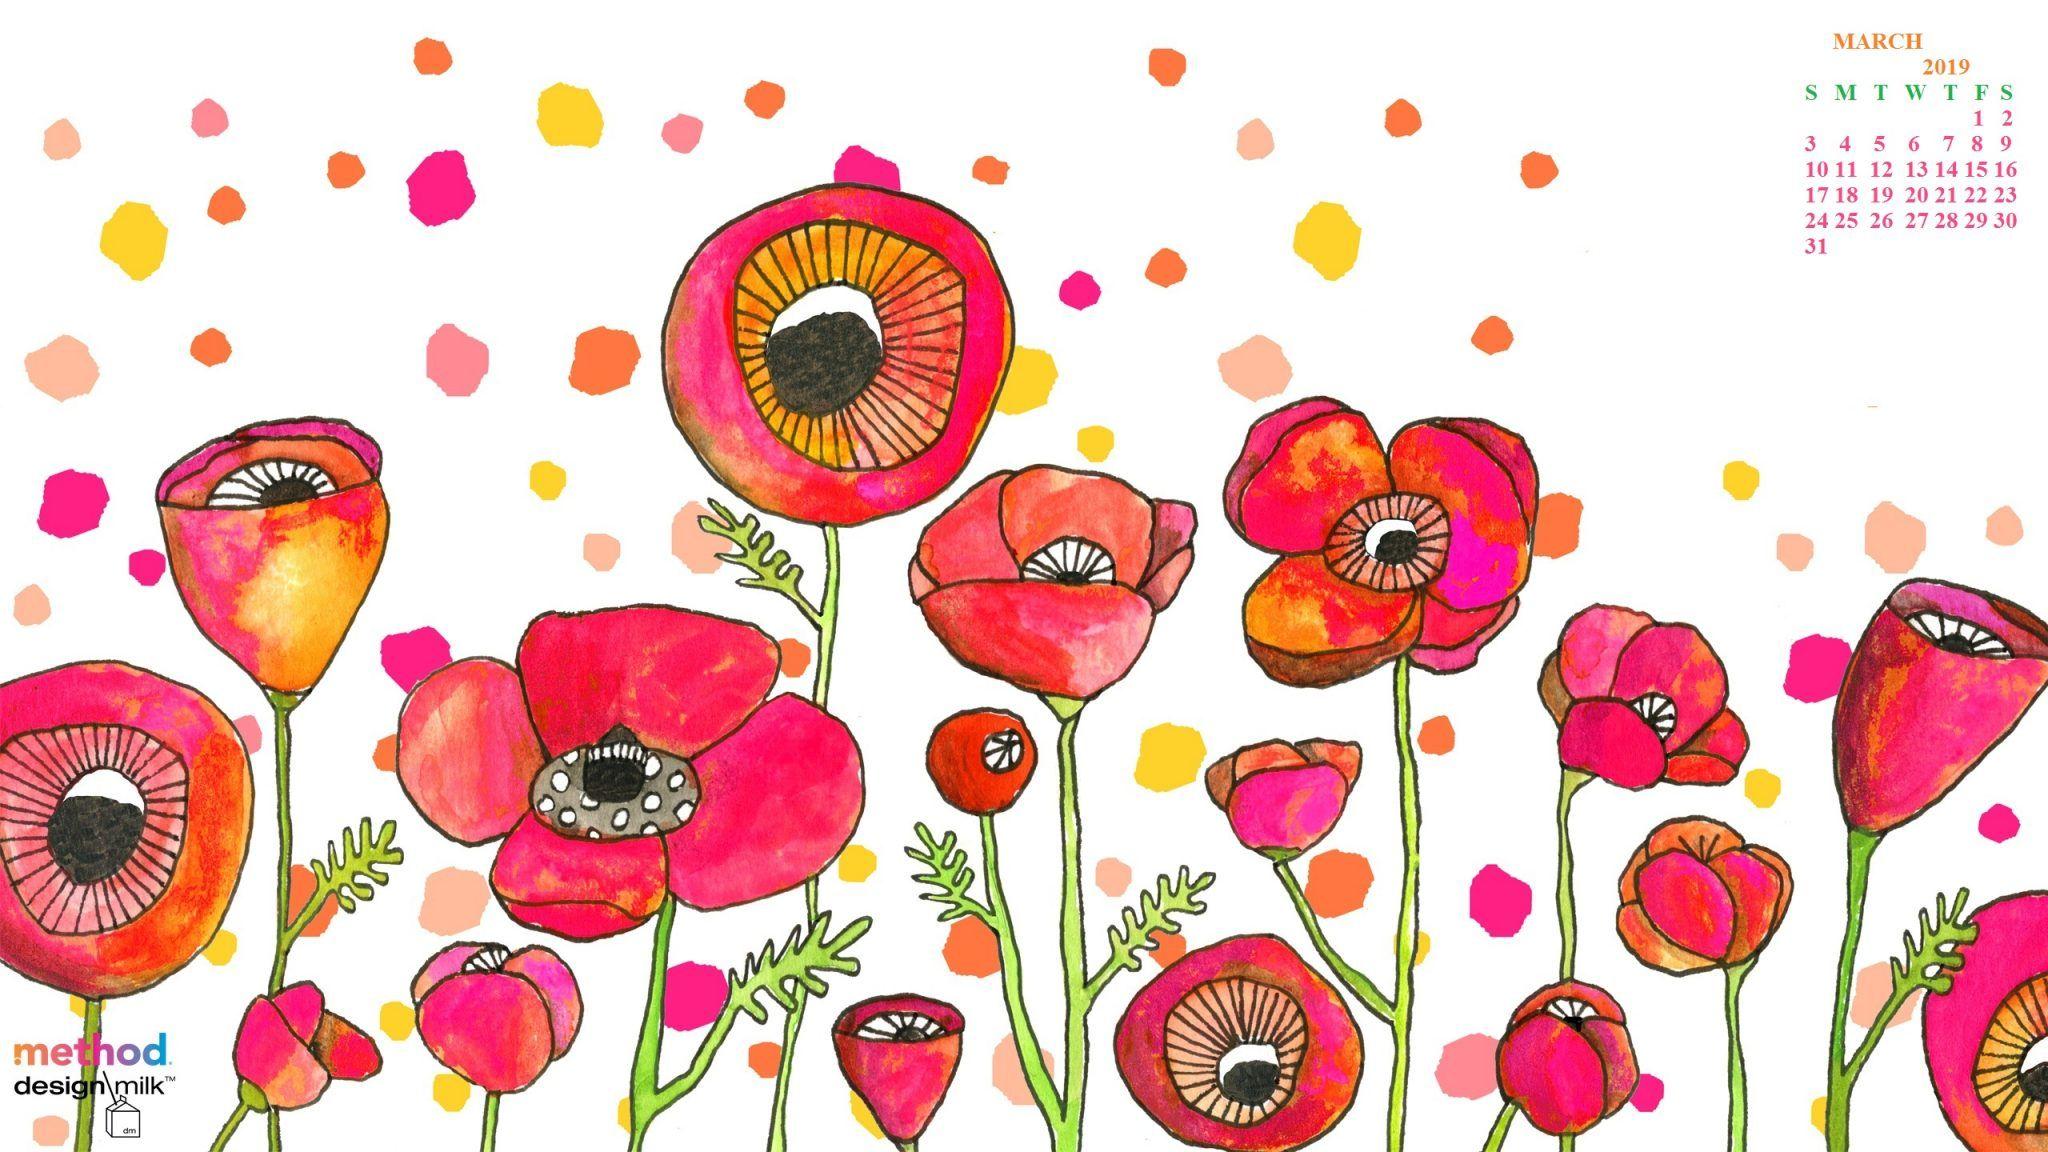 Cute March 2019 Calendar Floral Designs Images Clipart.